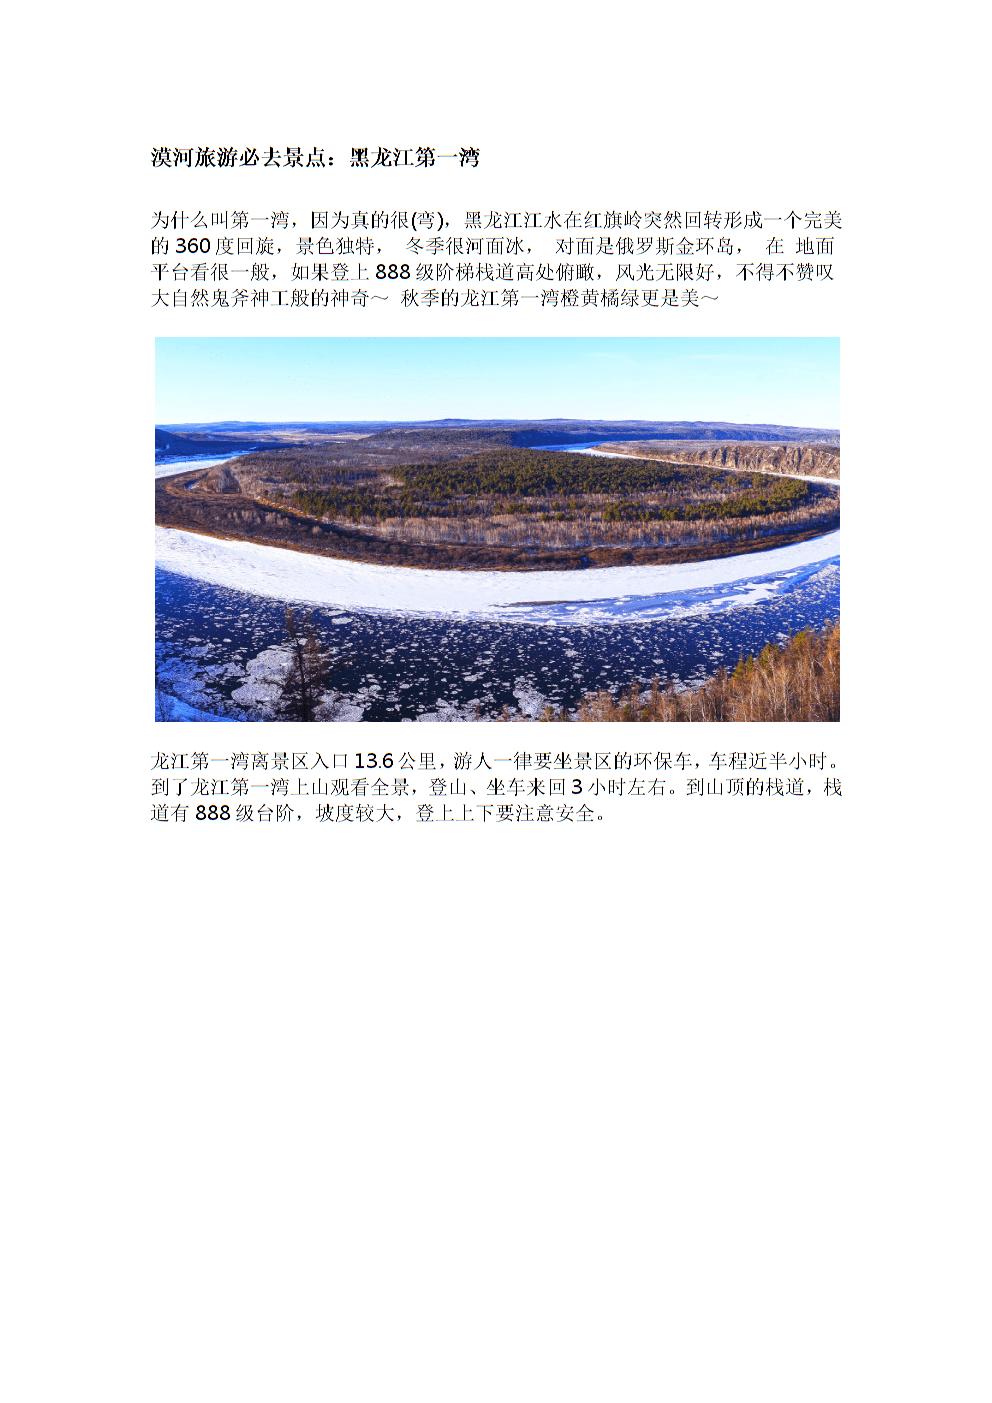 漠河旅游必去景点,黑龙江第一湾,门票价格+玩法攻略.doc